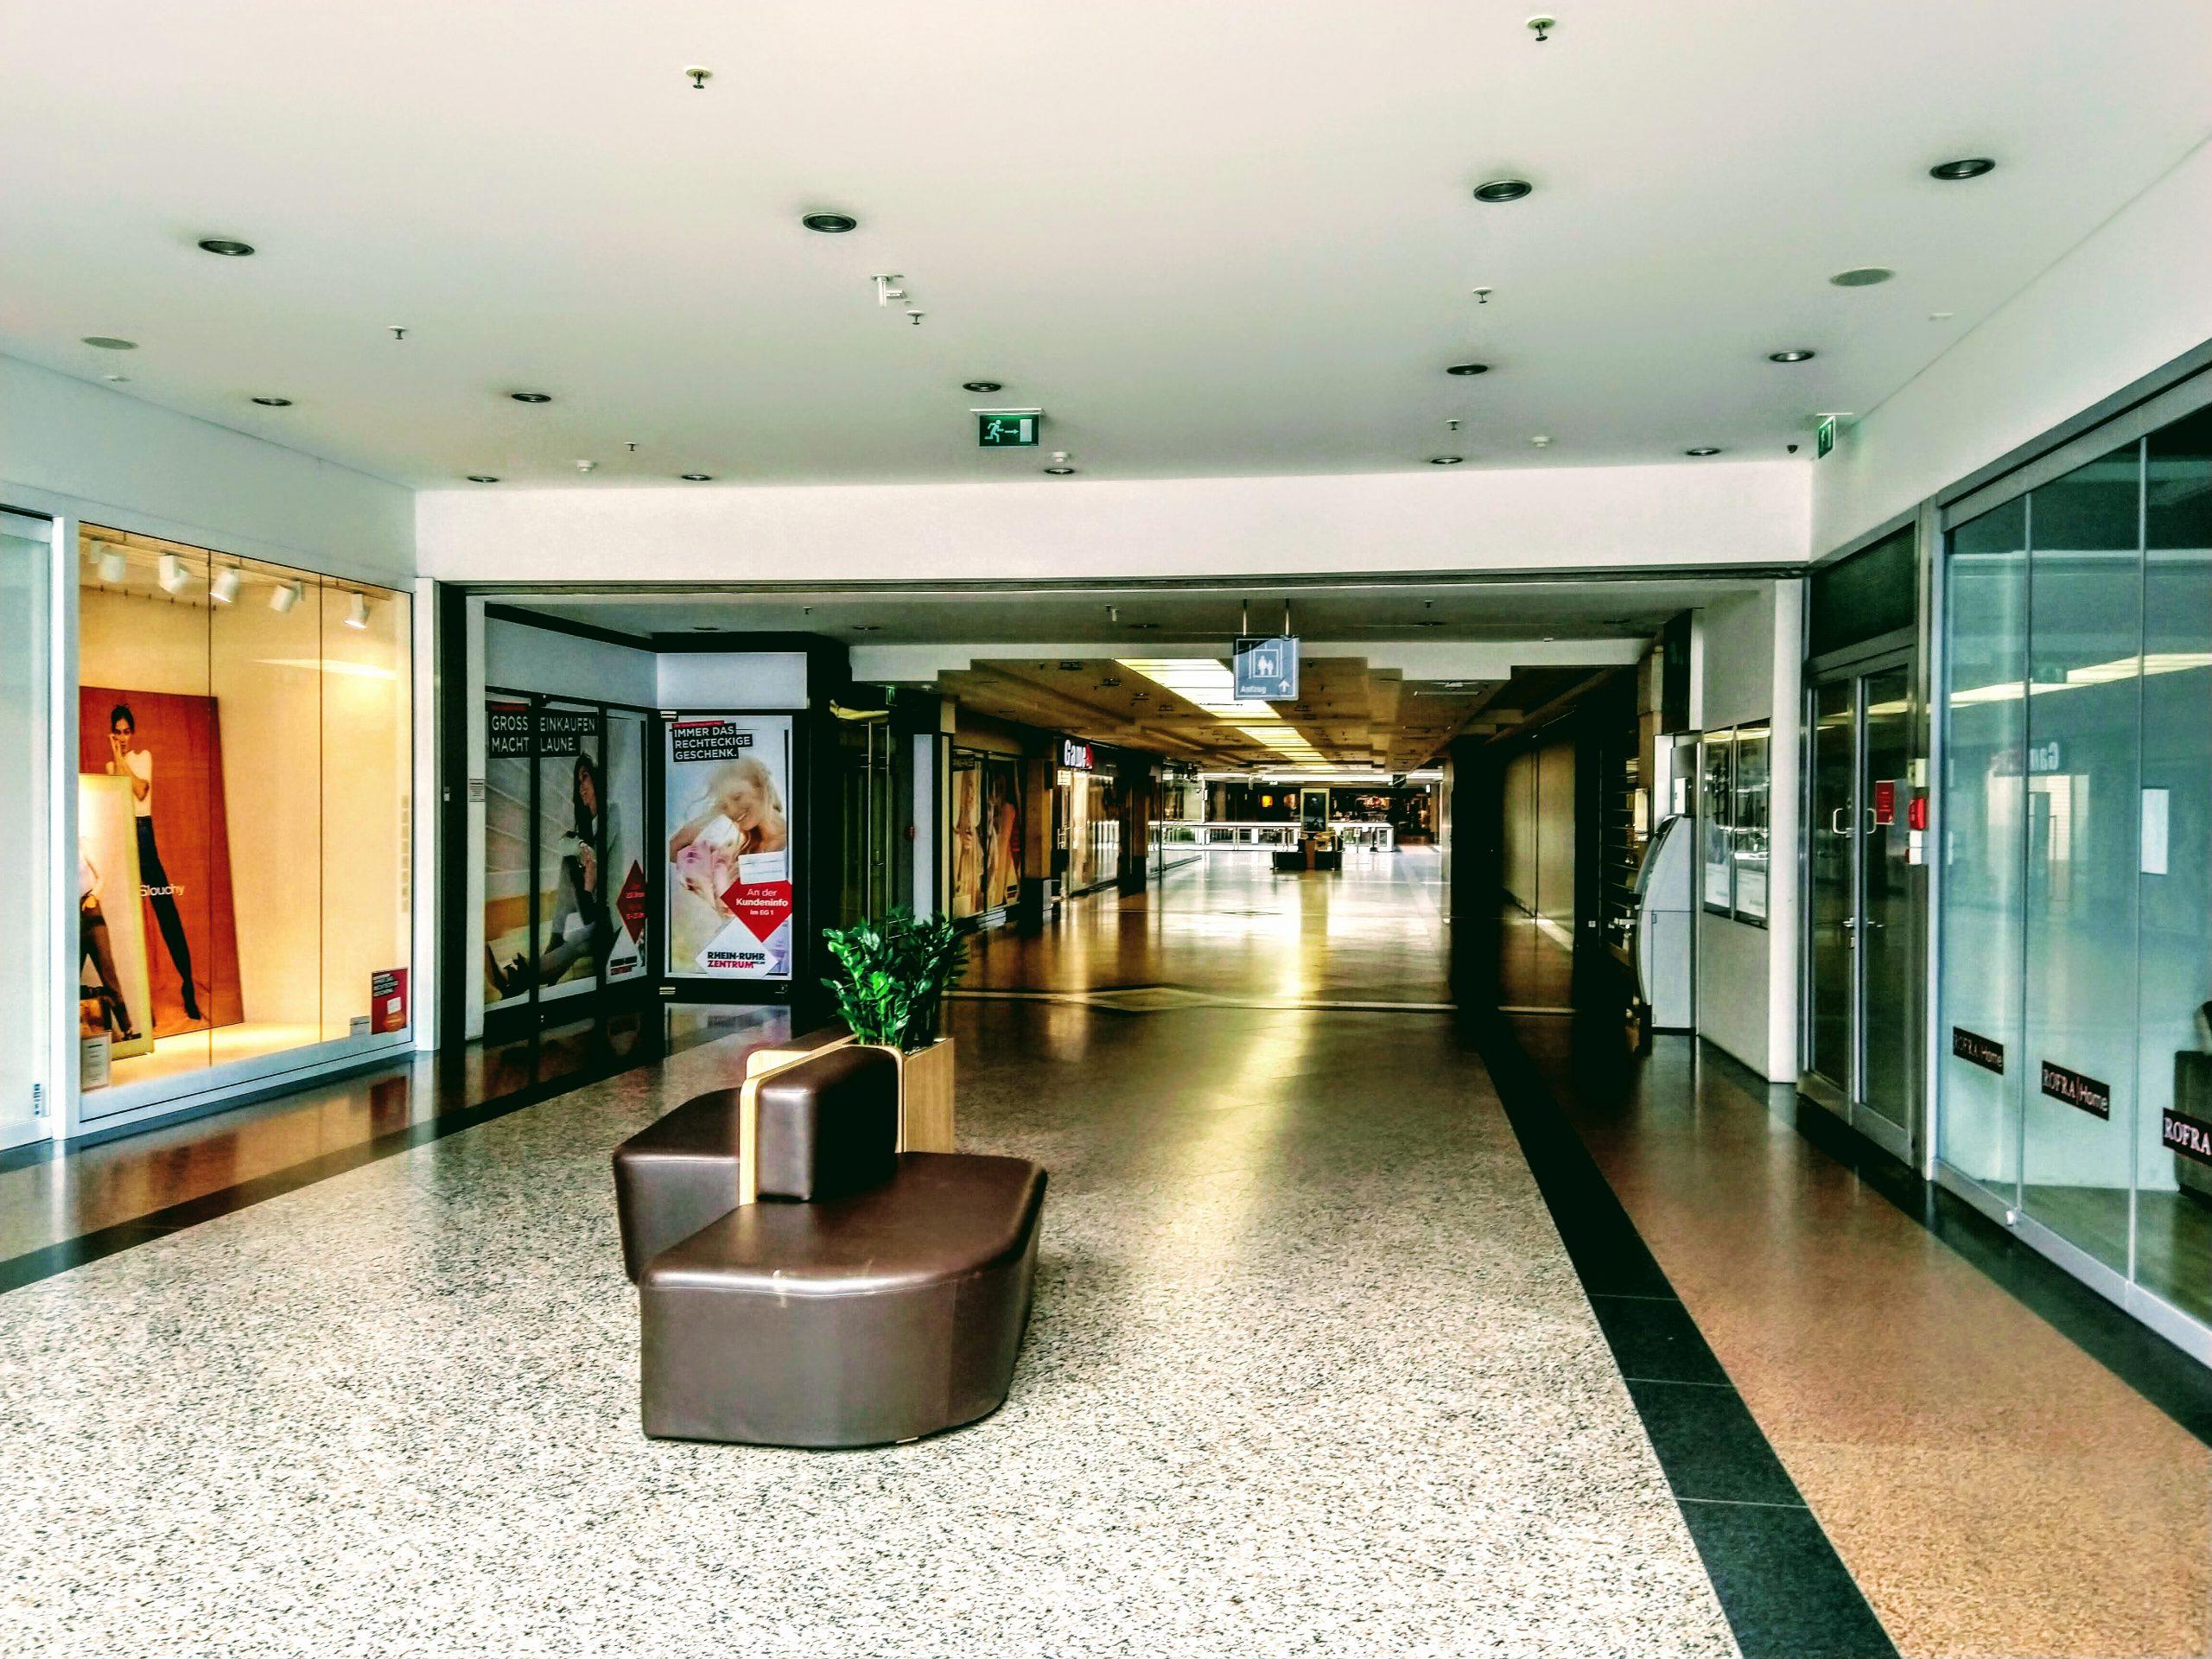 Einkaufspassage mit spiegelnden Boden - Wischen ist Macht JAMES CLEAN GMBH Ihr Servicepartner seit 1996 aus Mönchengladbach